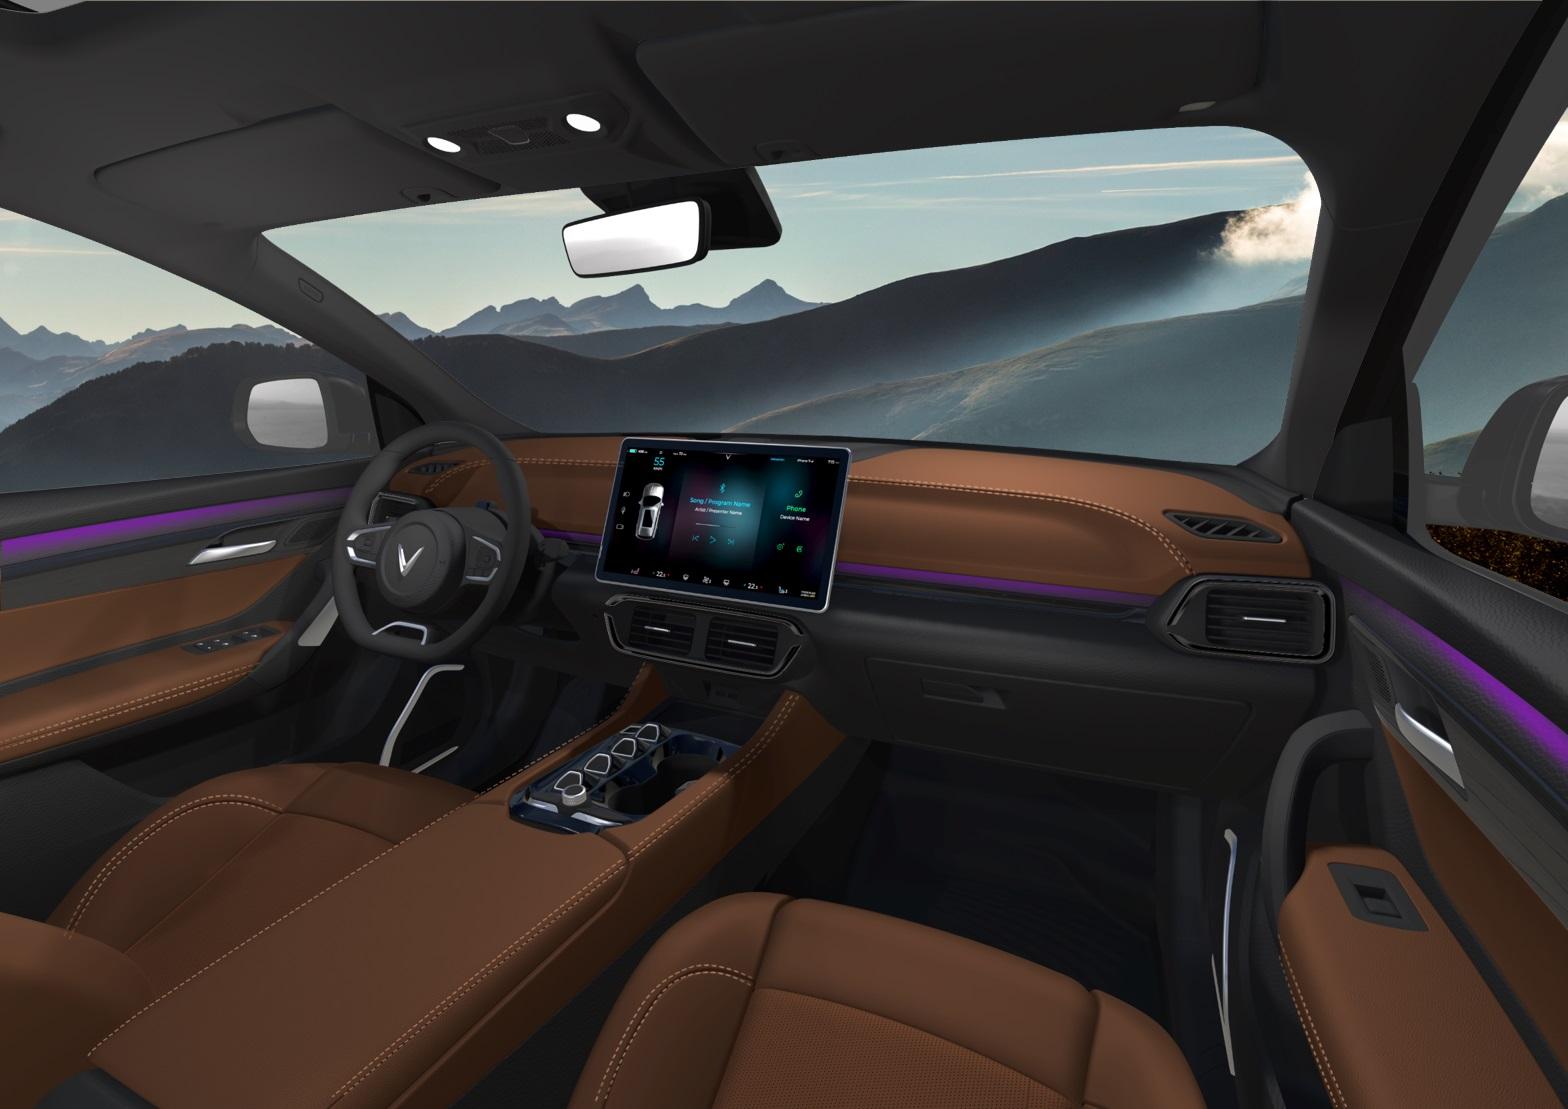 VinFast ra mắt 3 dòng ô tô điện tự lái - Khẳng định tầm nhìn trở thành hãng xe điện thông minh toàn cầu 11